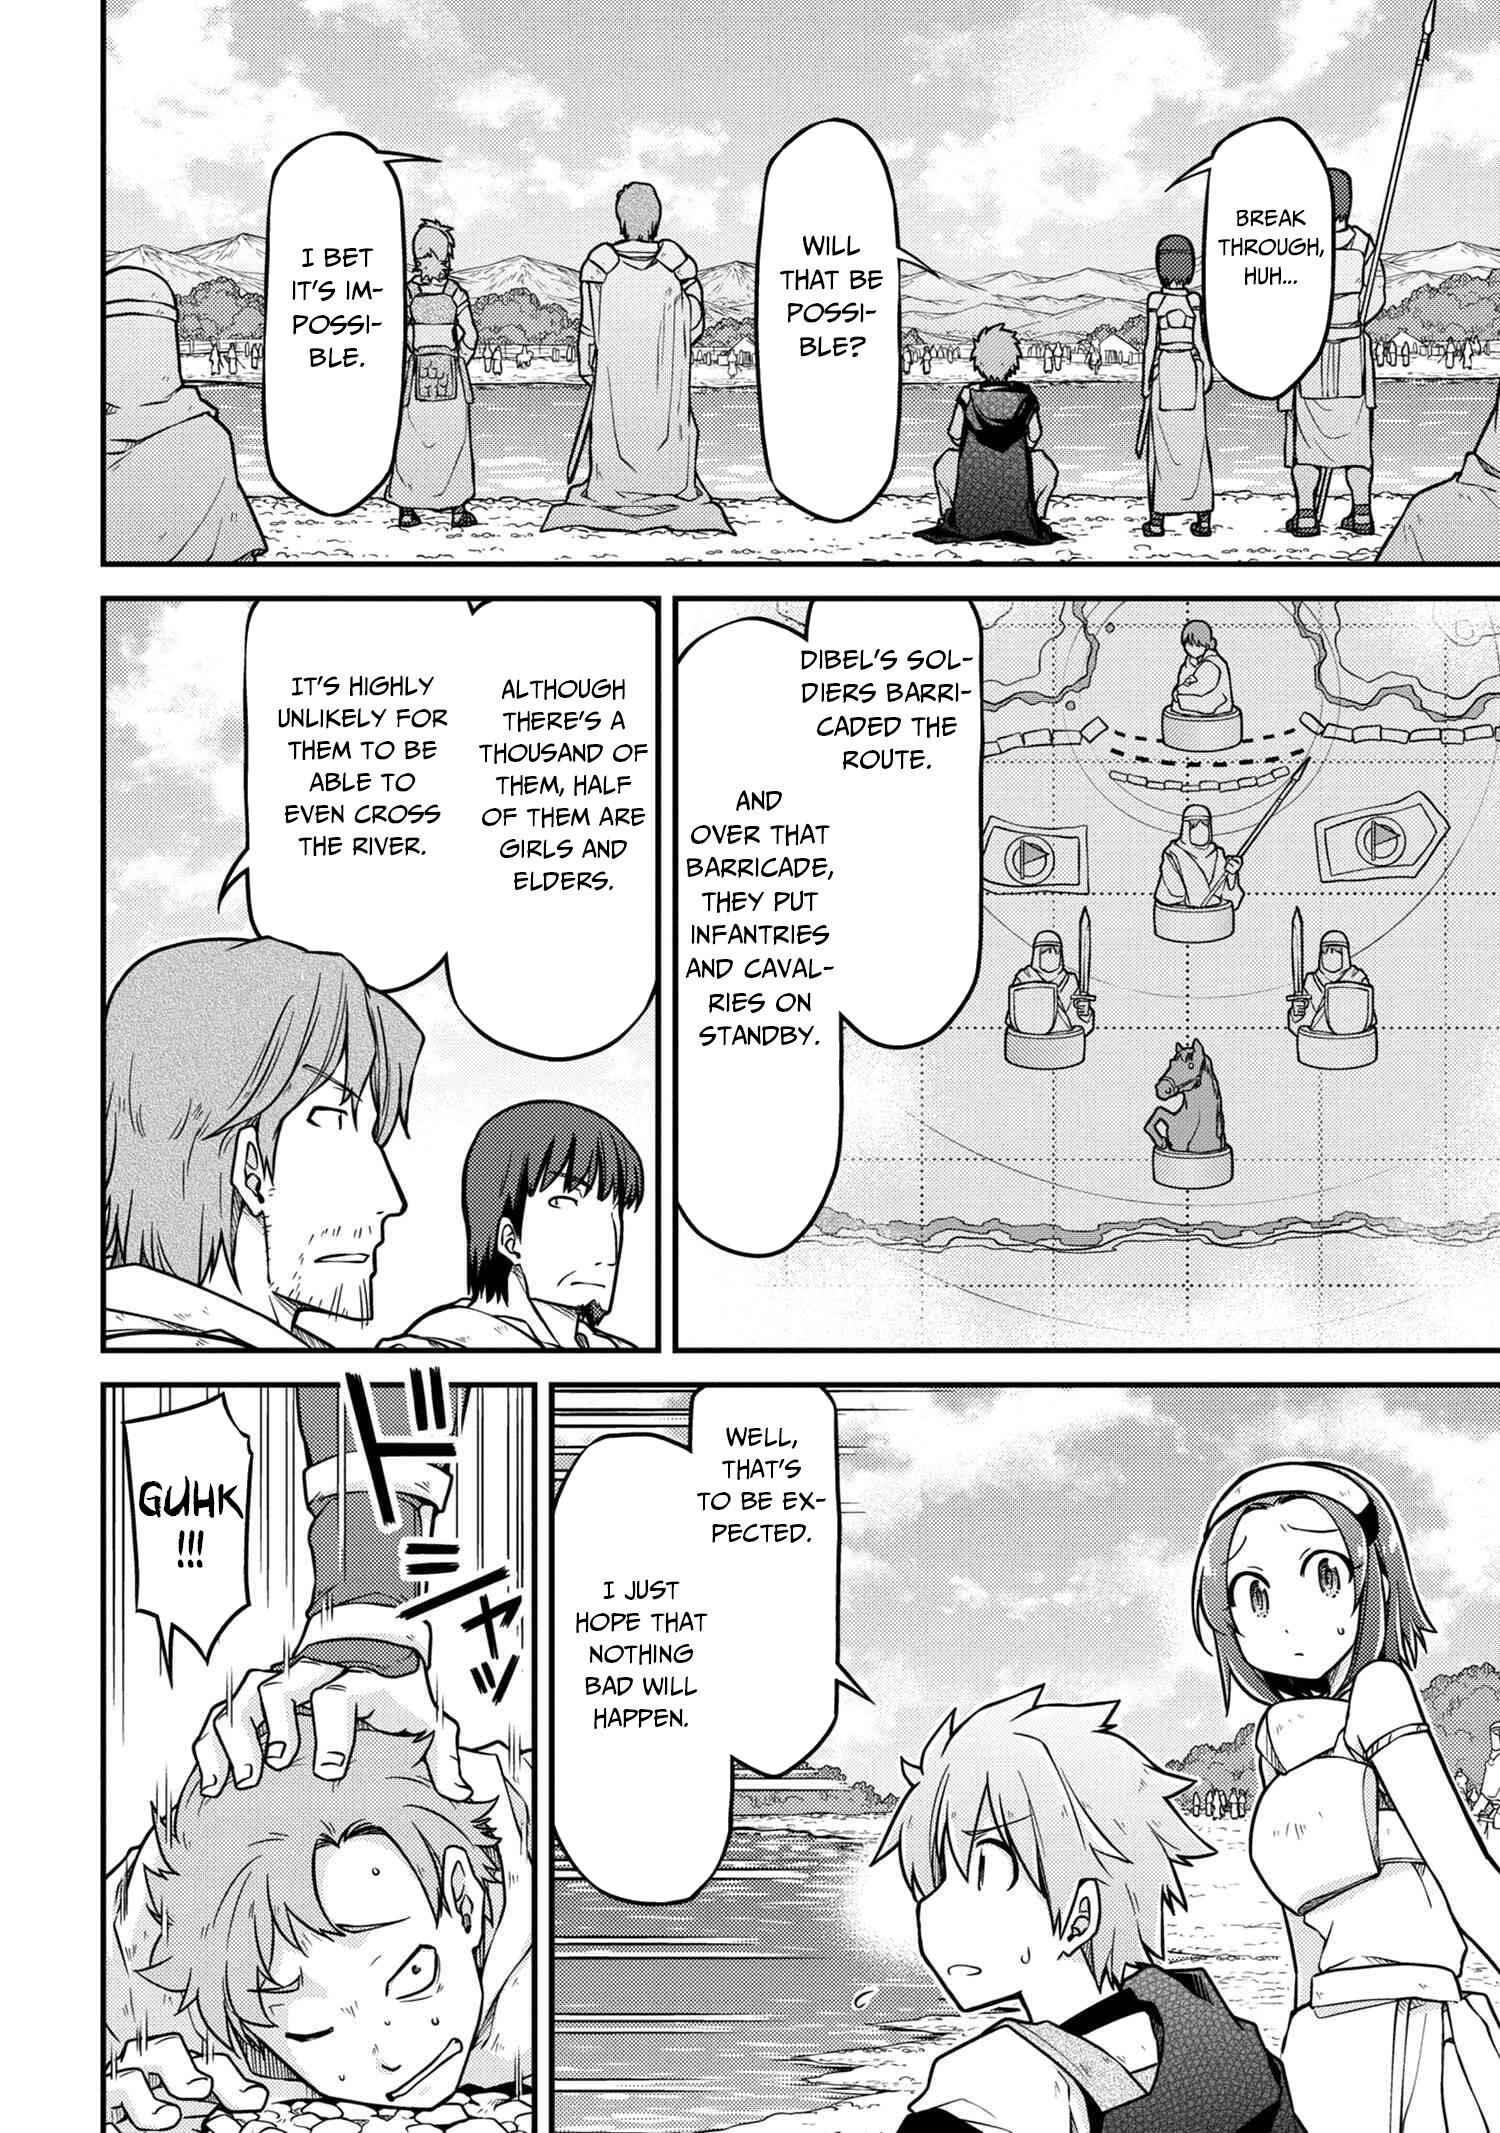 Isekai Kenkokuki - chapter 40.1-eng-li